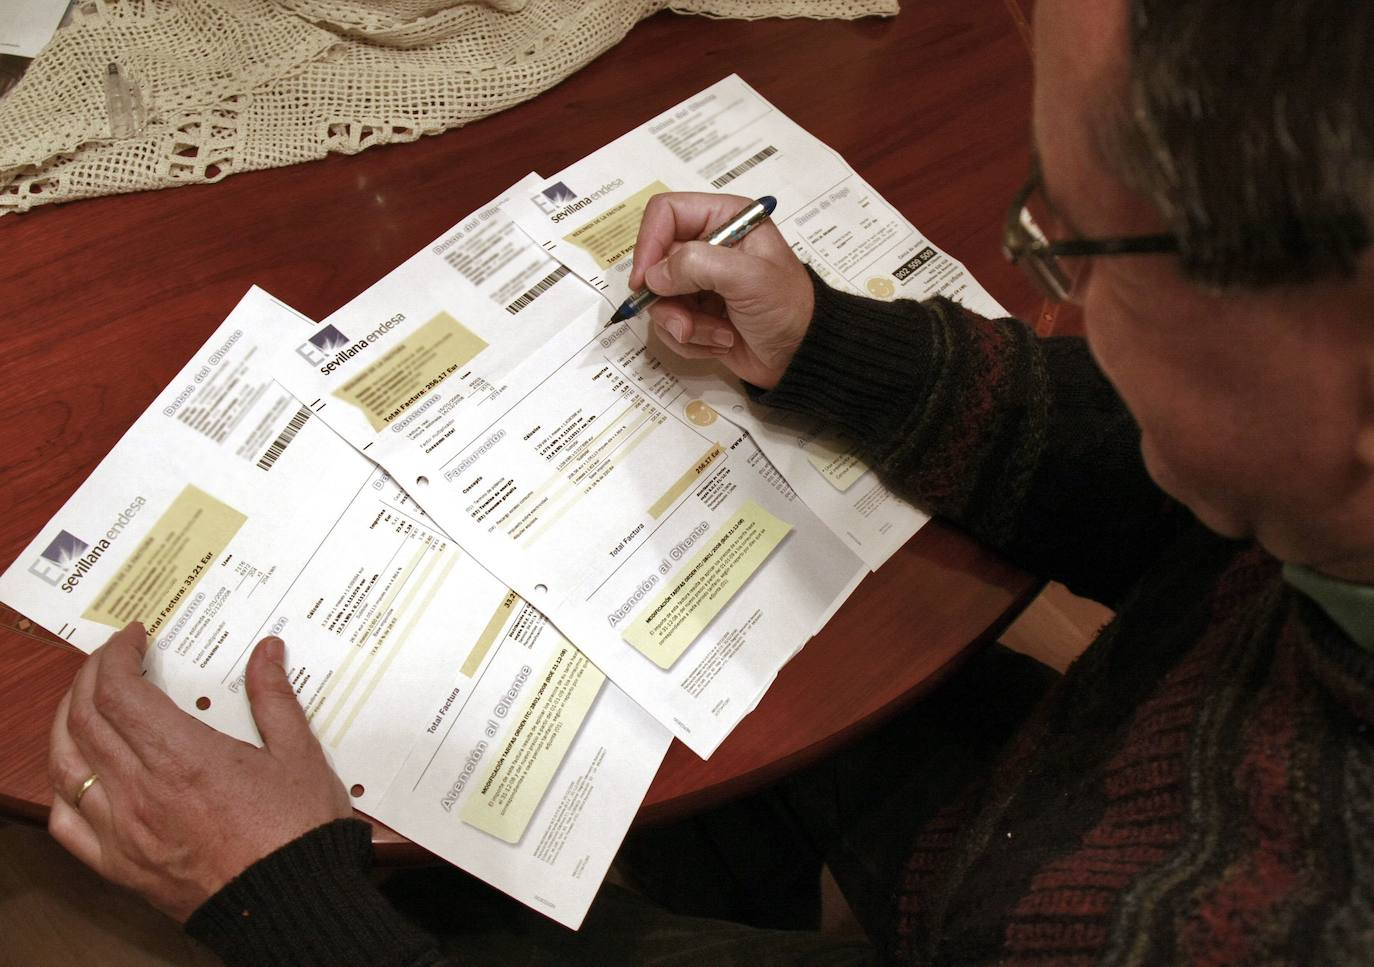 Competencia propone recortar los peajes a las energéticas, lo que contribuirá a rebajar la factura